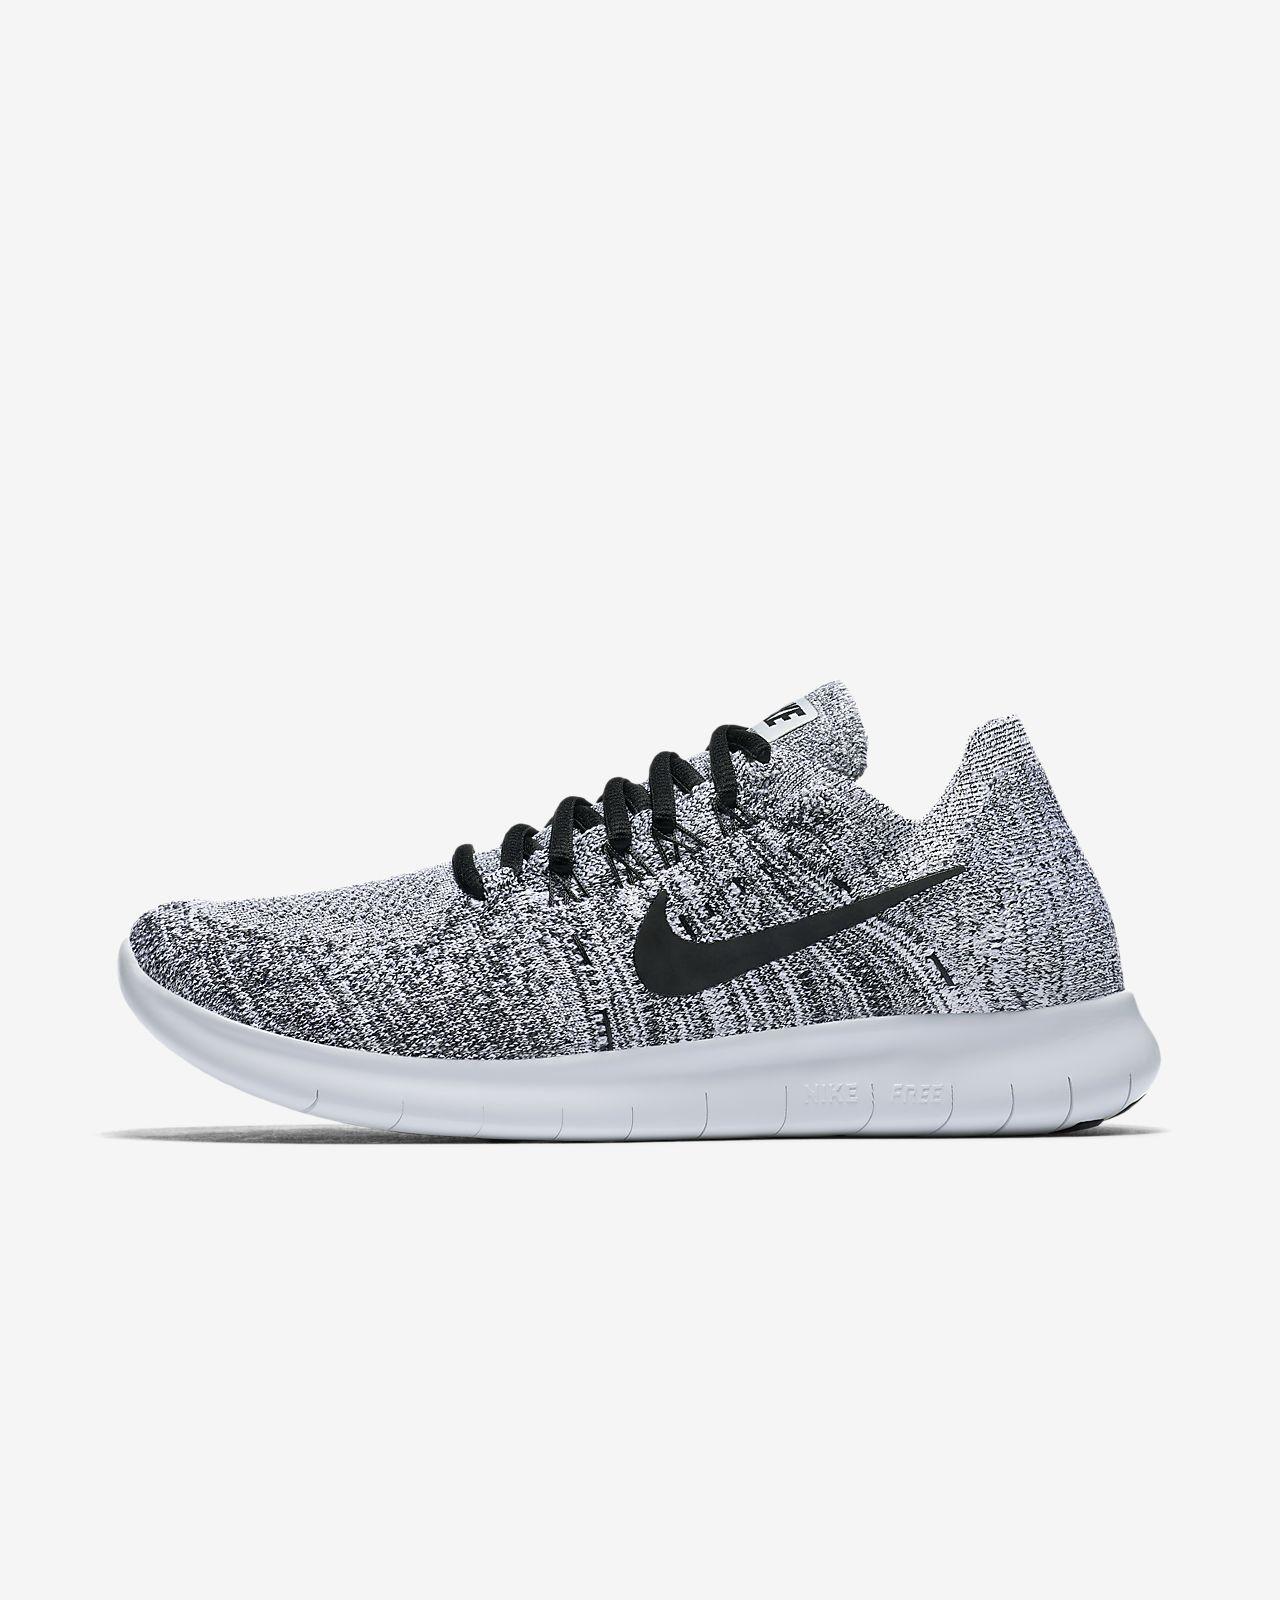 Nike Free Rn Flyknit 2017 Des Femmes De Gris En Cours D'exécution De La Chaussure classique sortie commercialisables en ligne sortie livraison rapide MeAU8vg7JZ